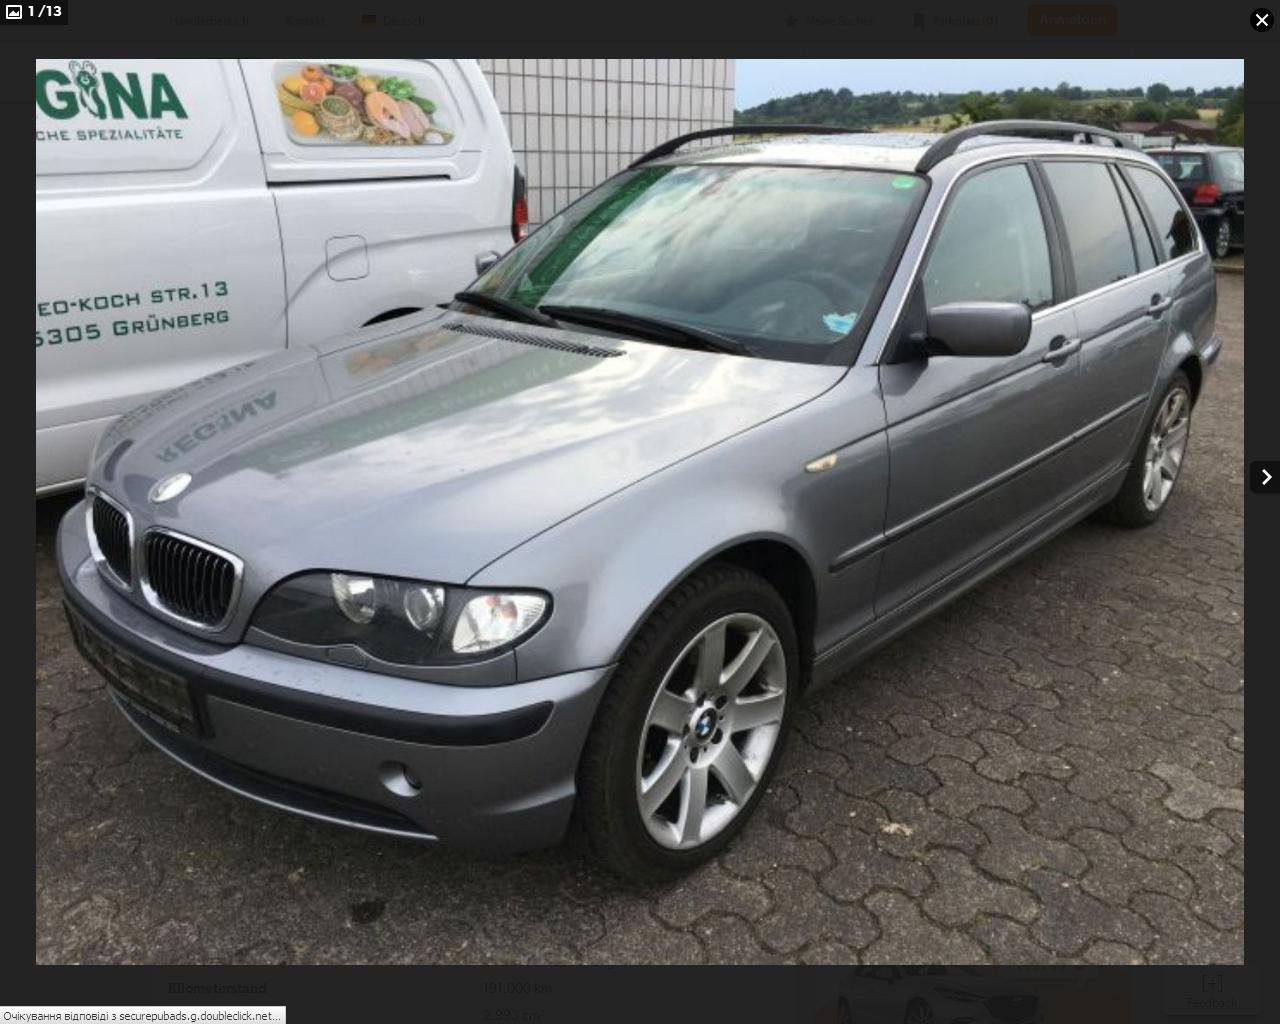 BMW 330d дизельная купить в Европе